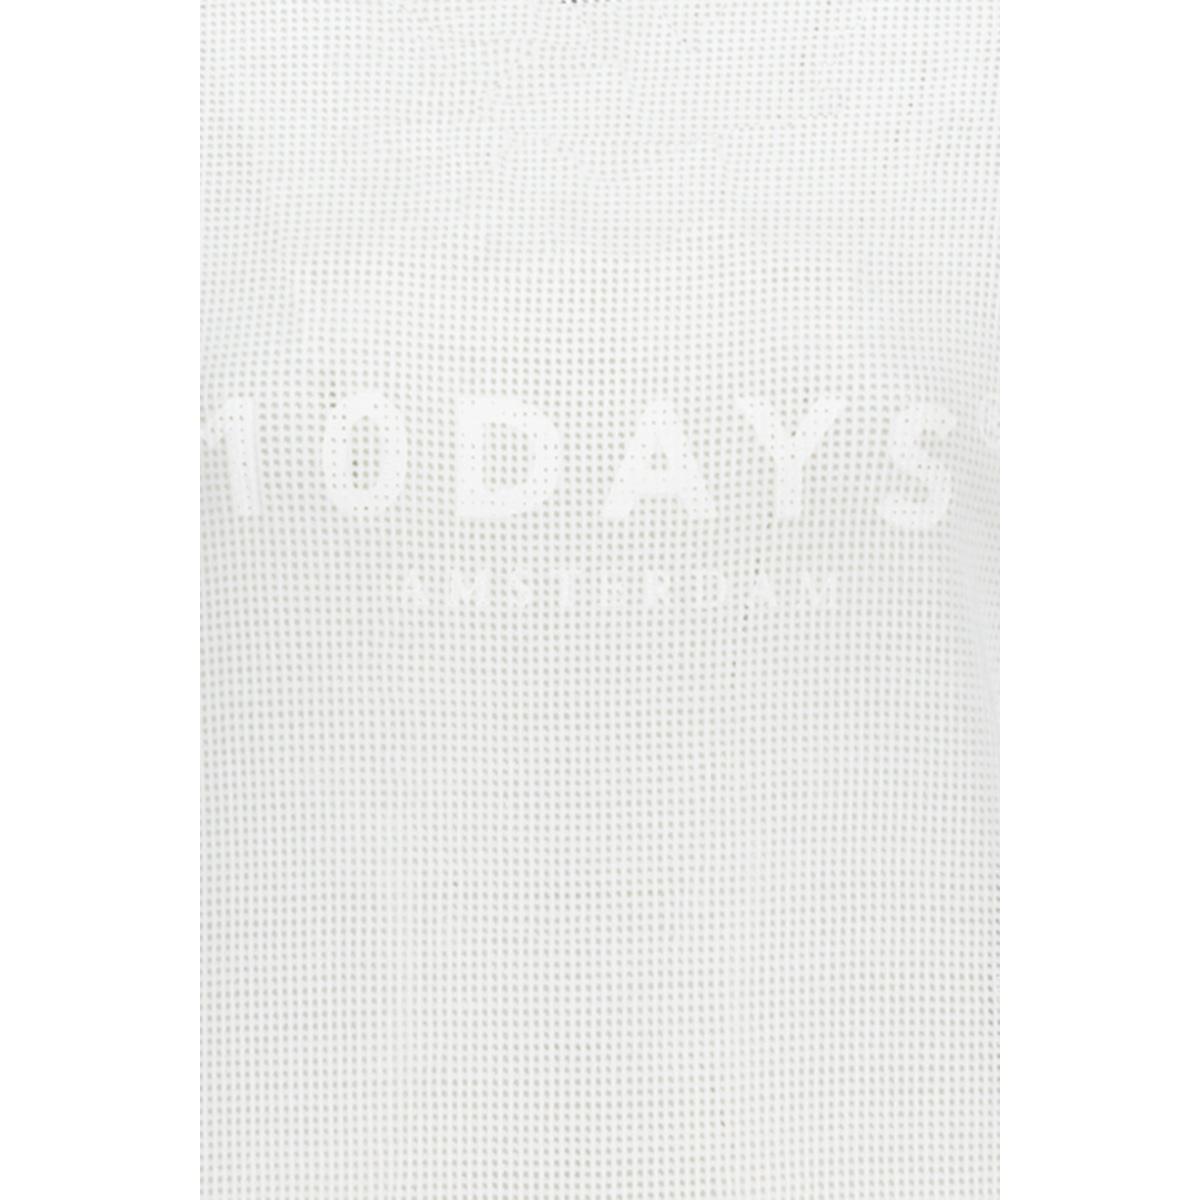 sweater mesh 20 803 0201 10 days sweater white